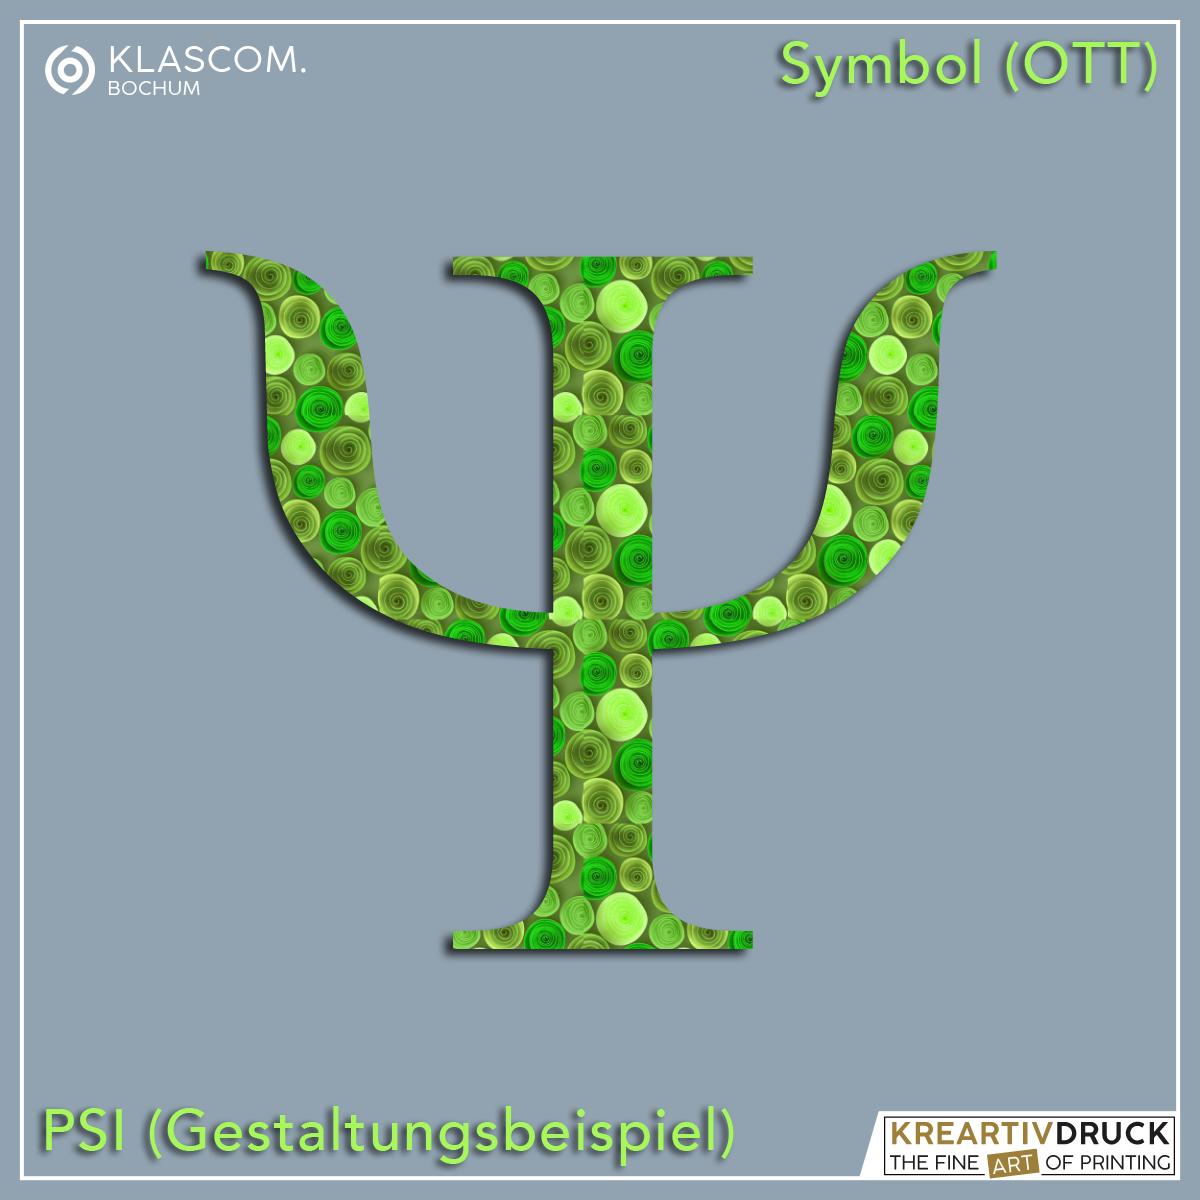 Symbol Psi [Gestaltungsbeispiel]